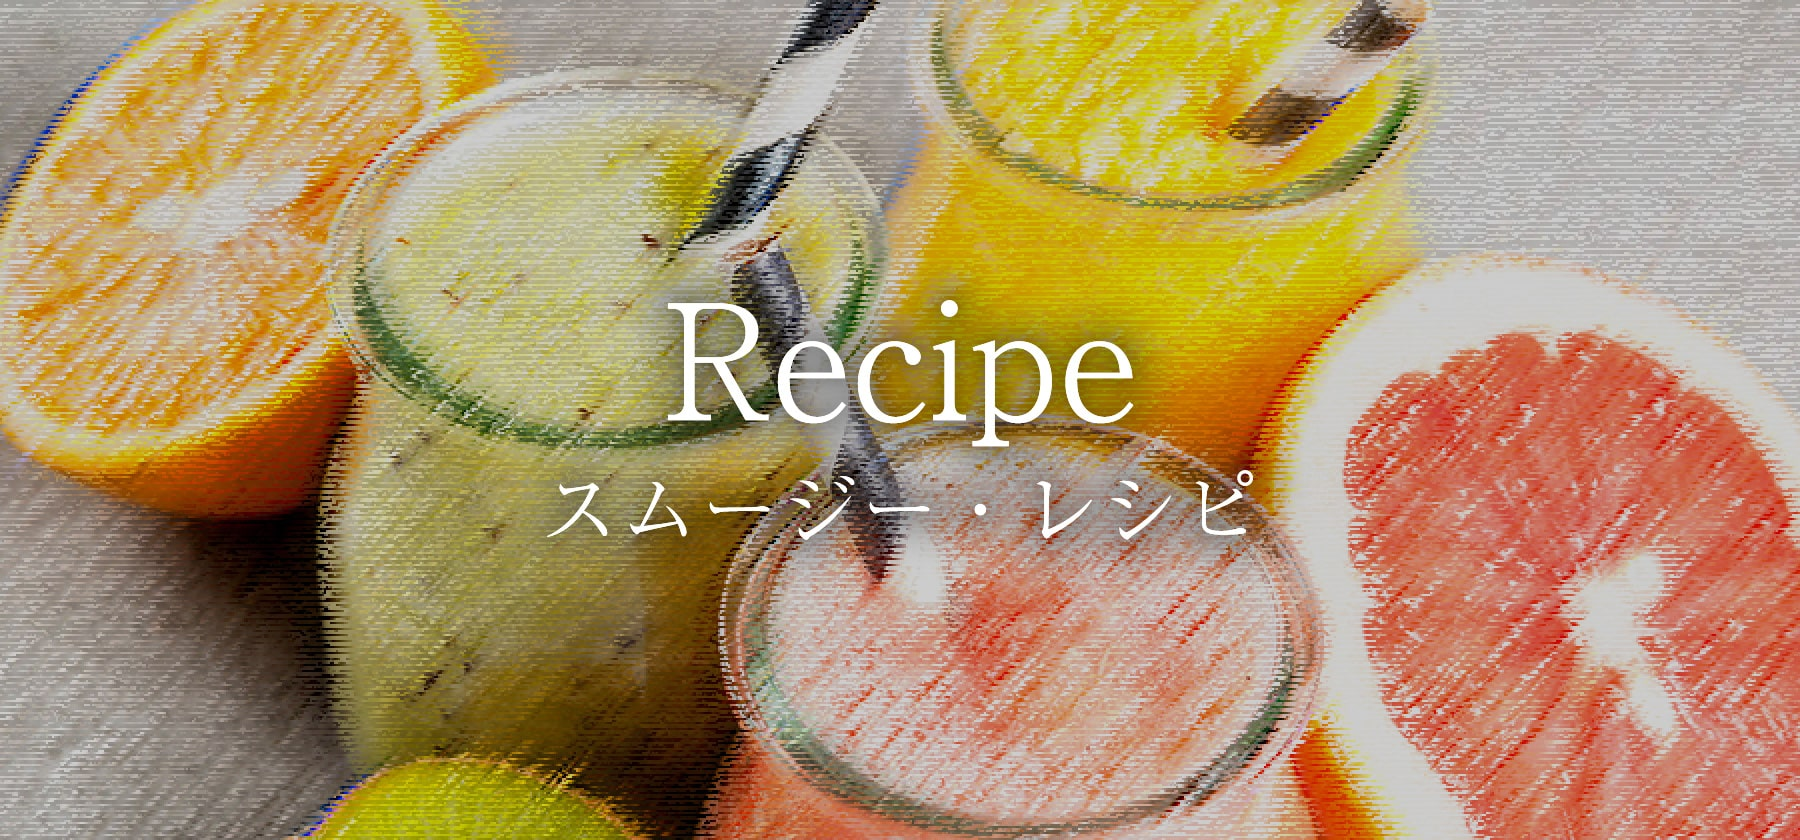 スムージー・レシピ